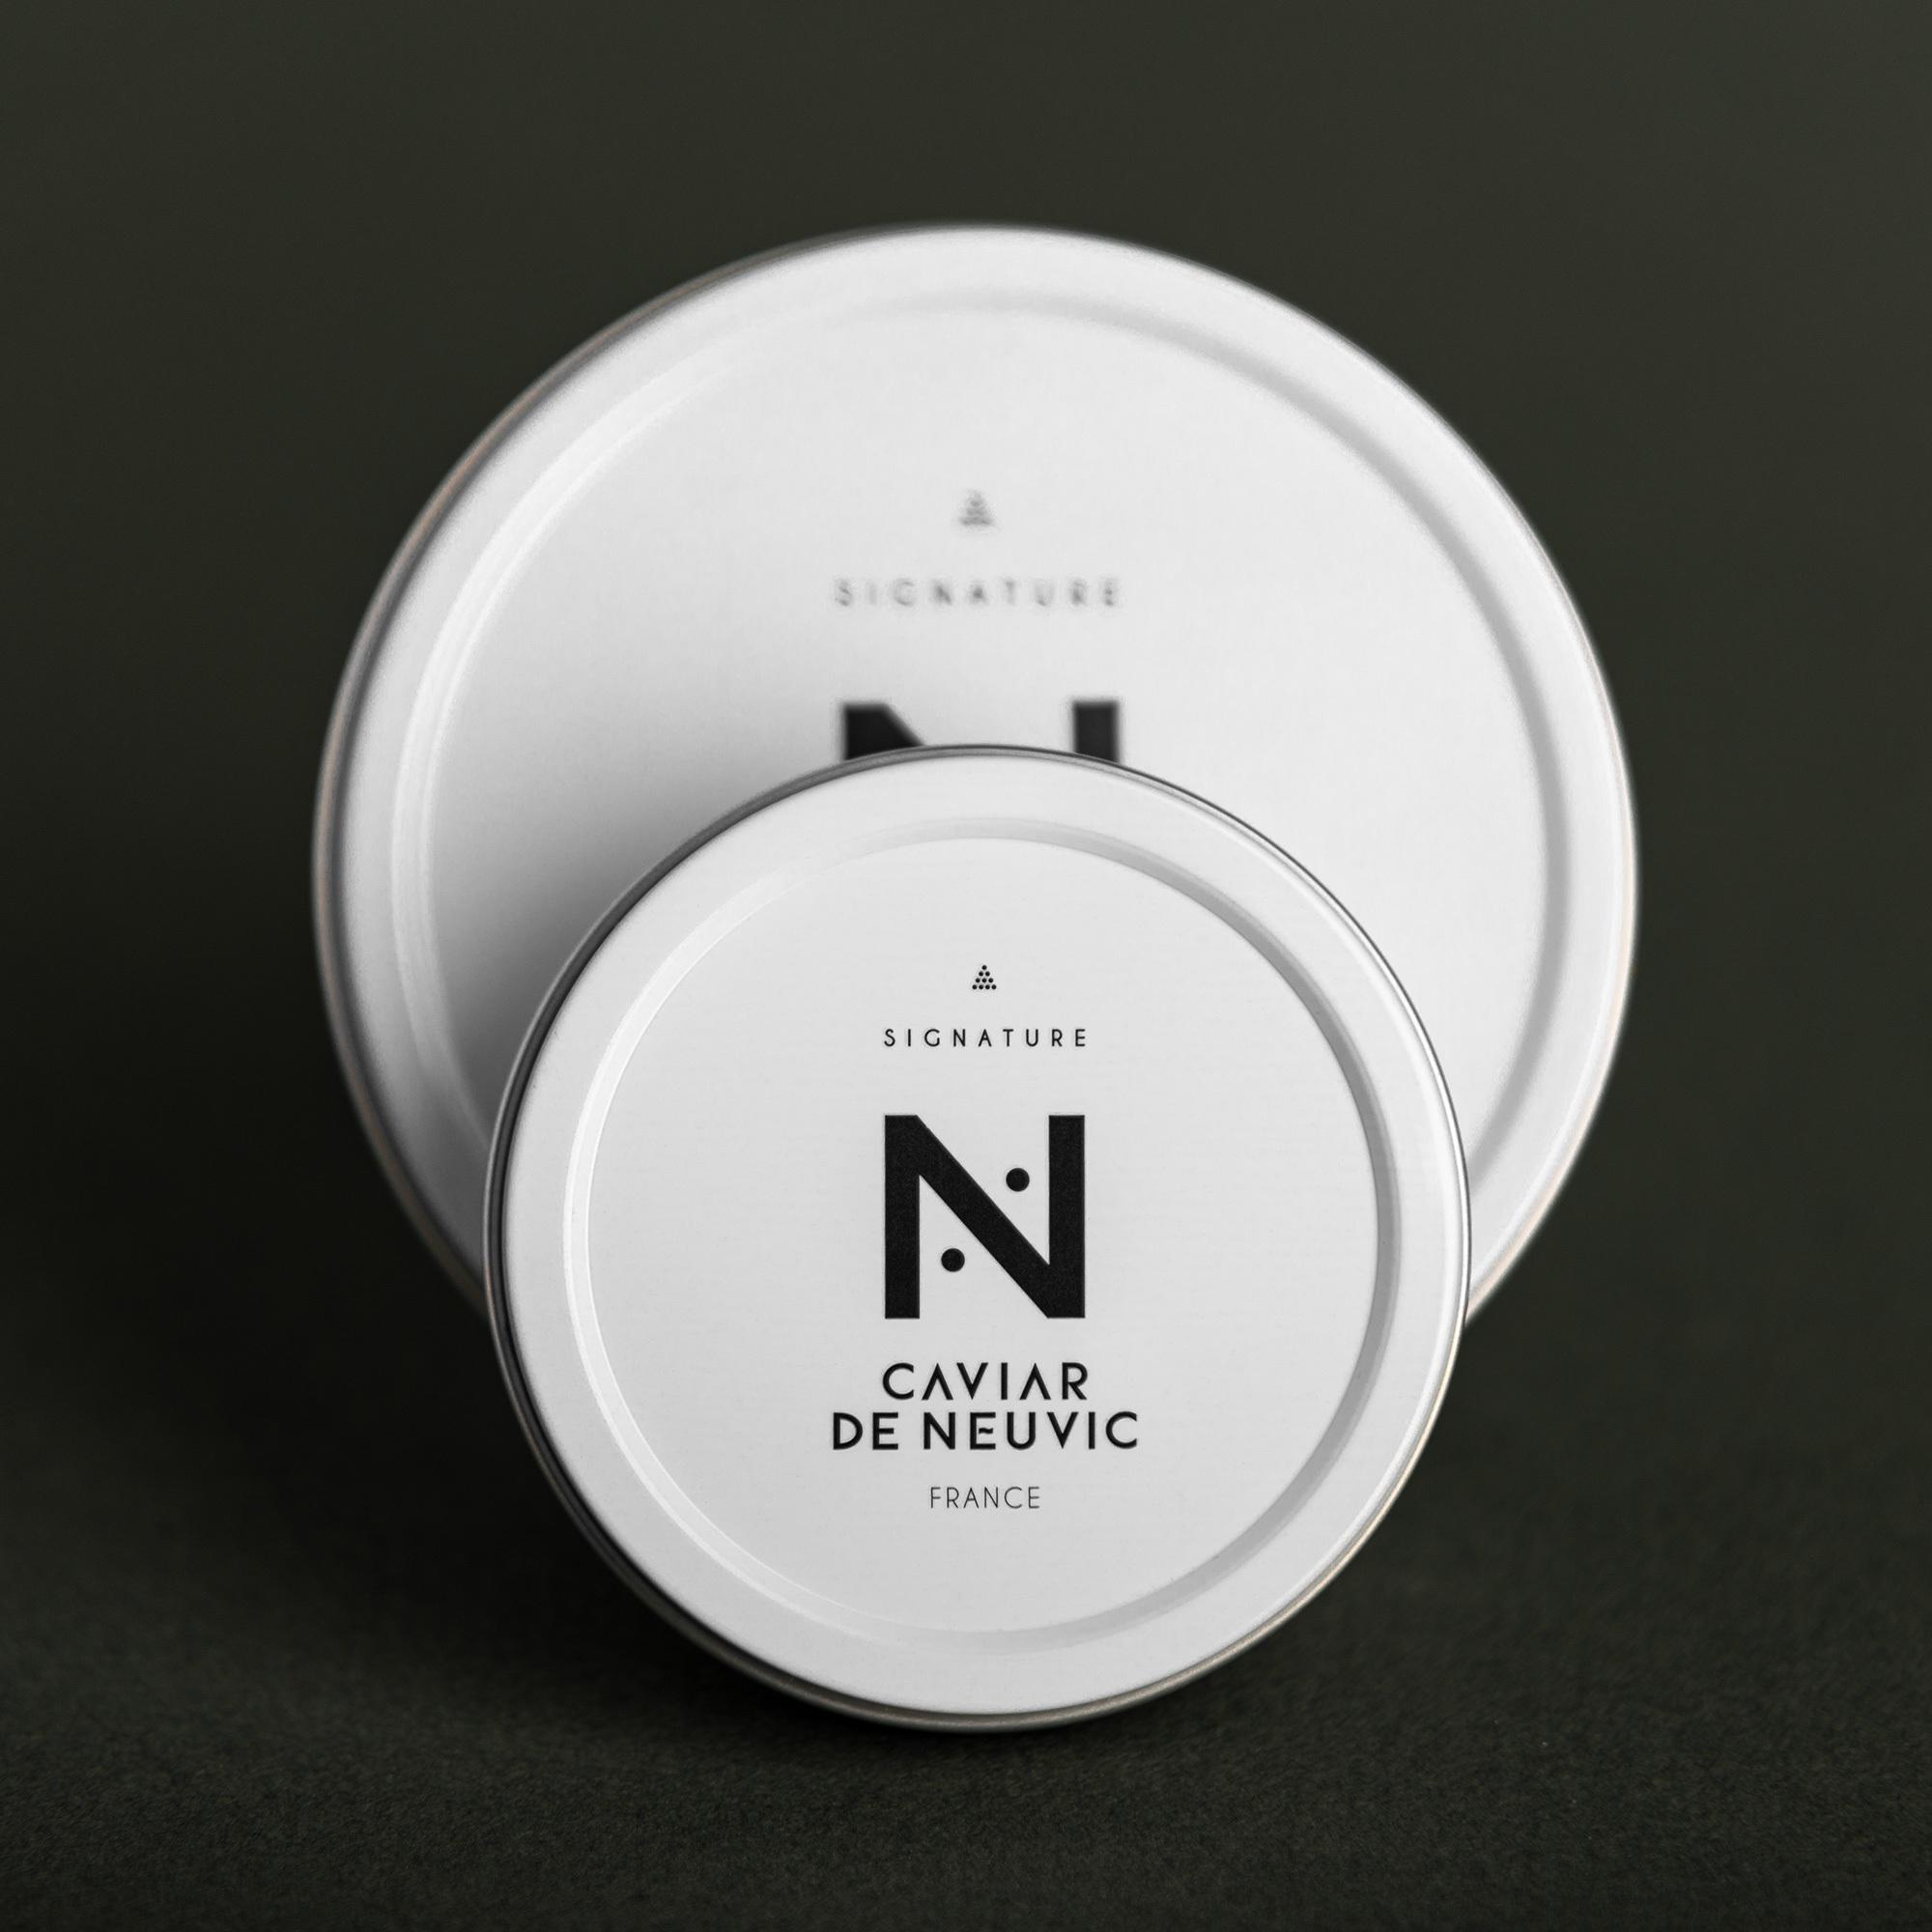 Caviar Neuvic